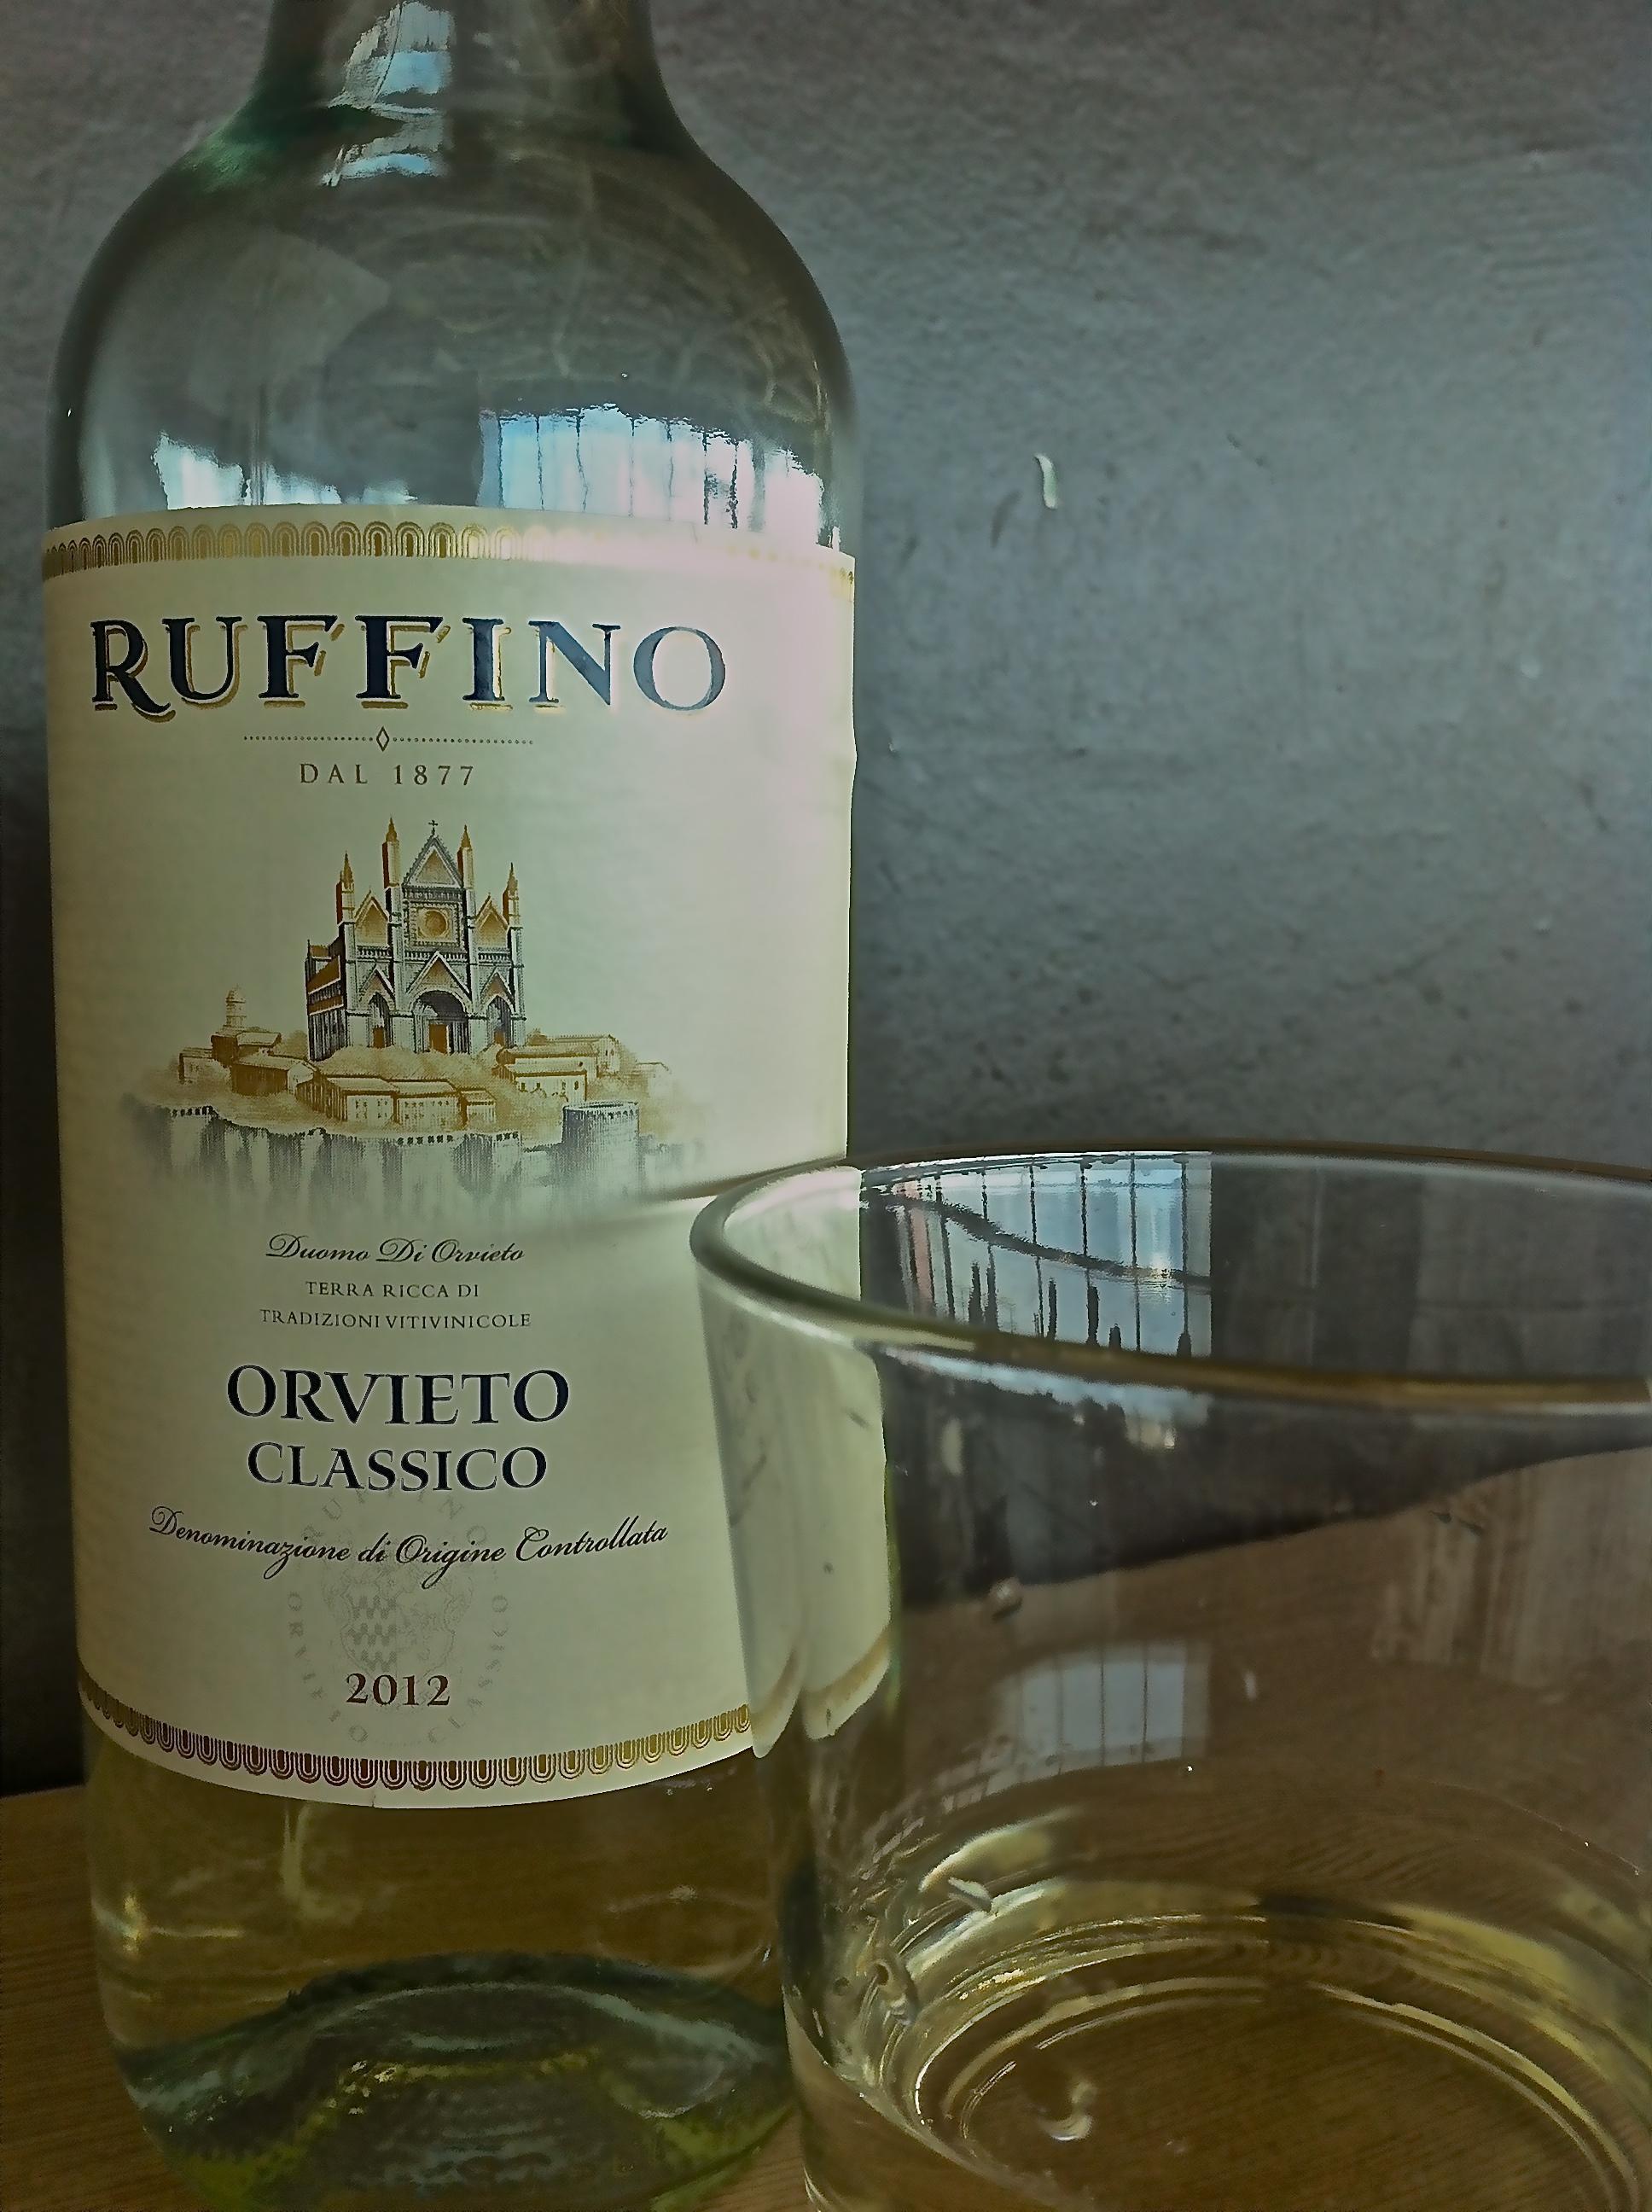 Ruffino Orvieto Classico